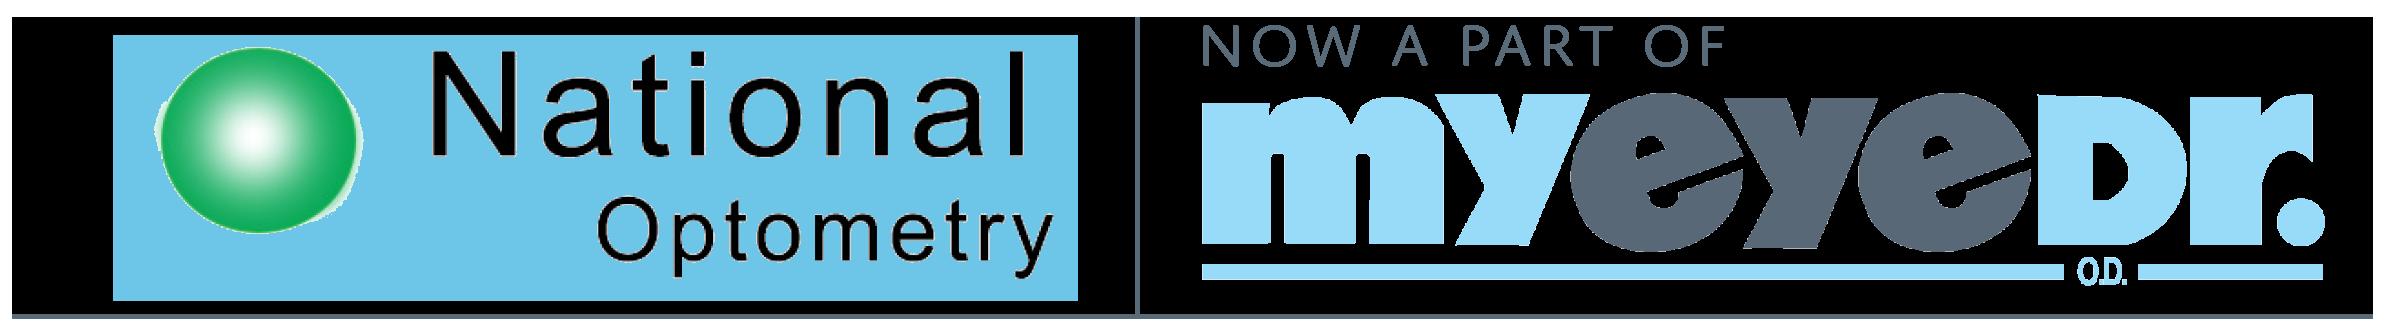 National Optometry logo